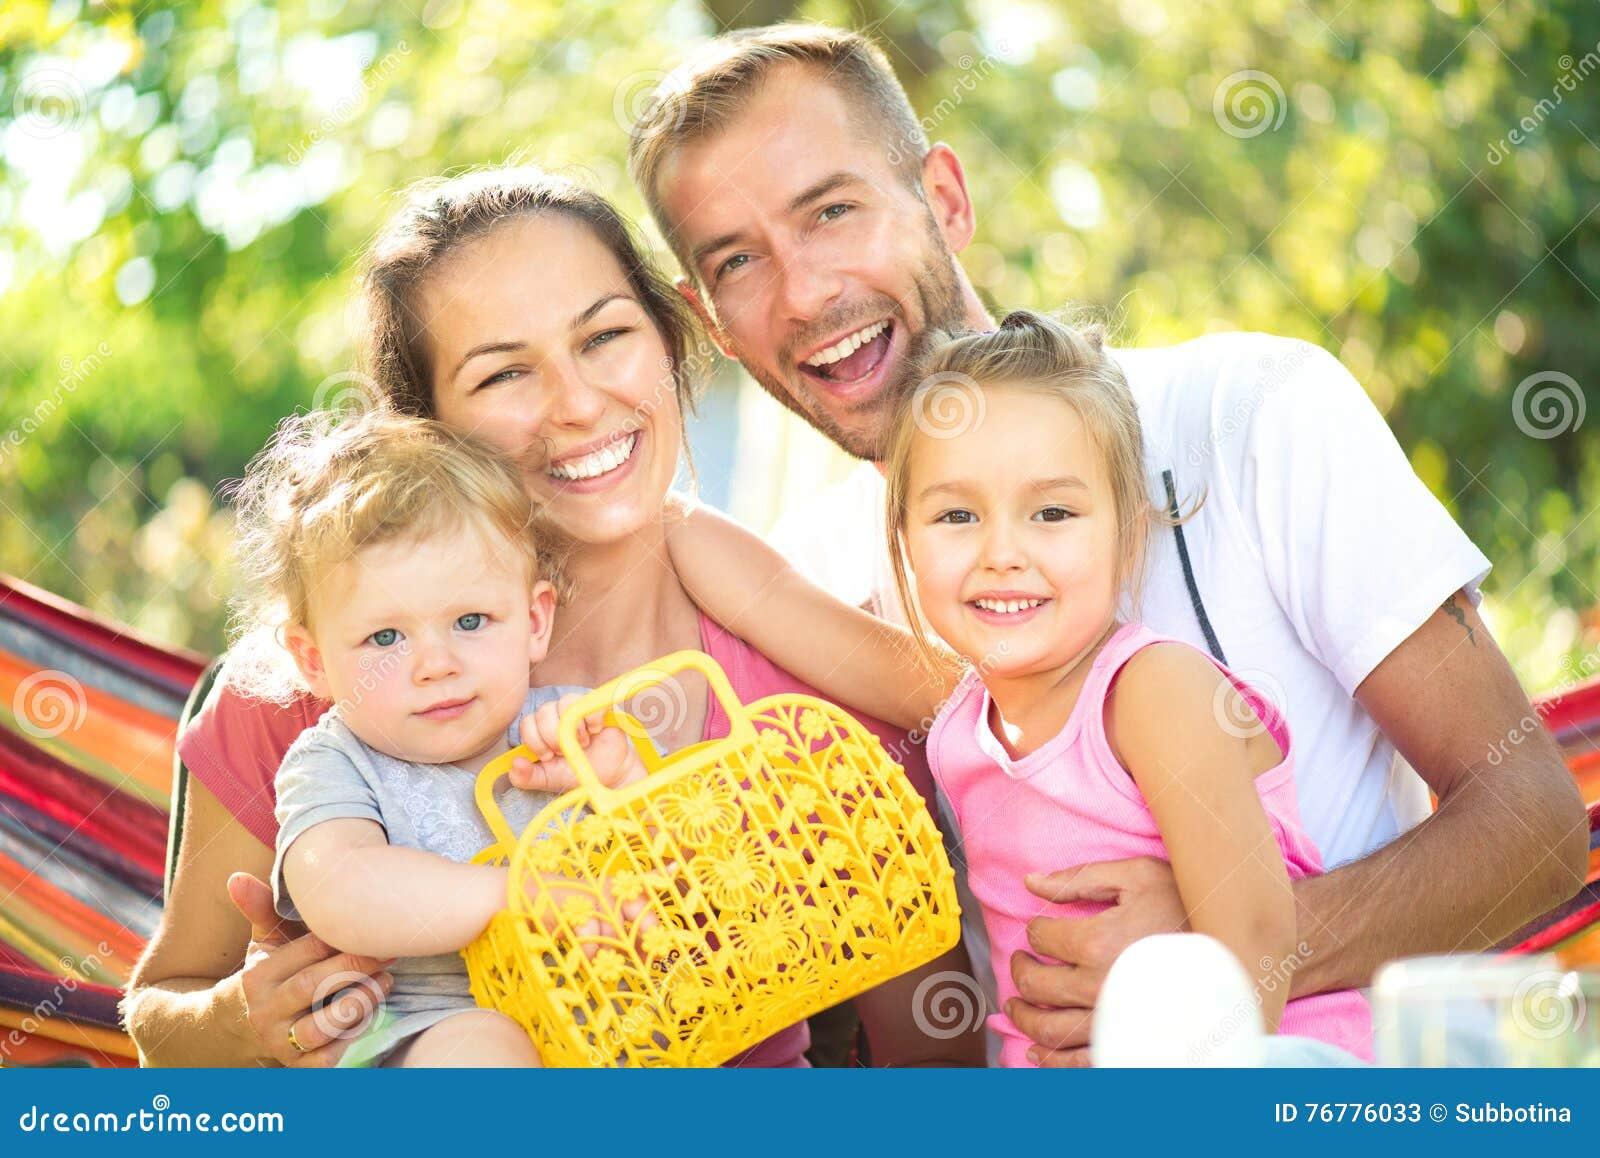 Jonge familie met kleine kinderen in openlucht